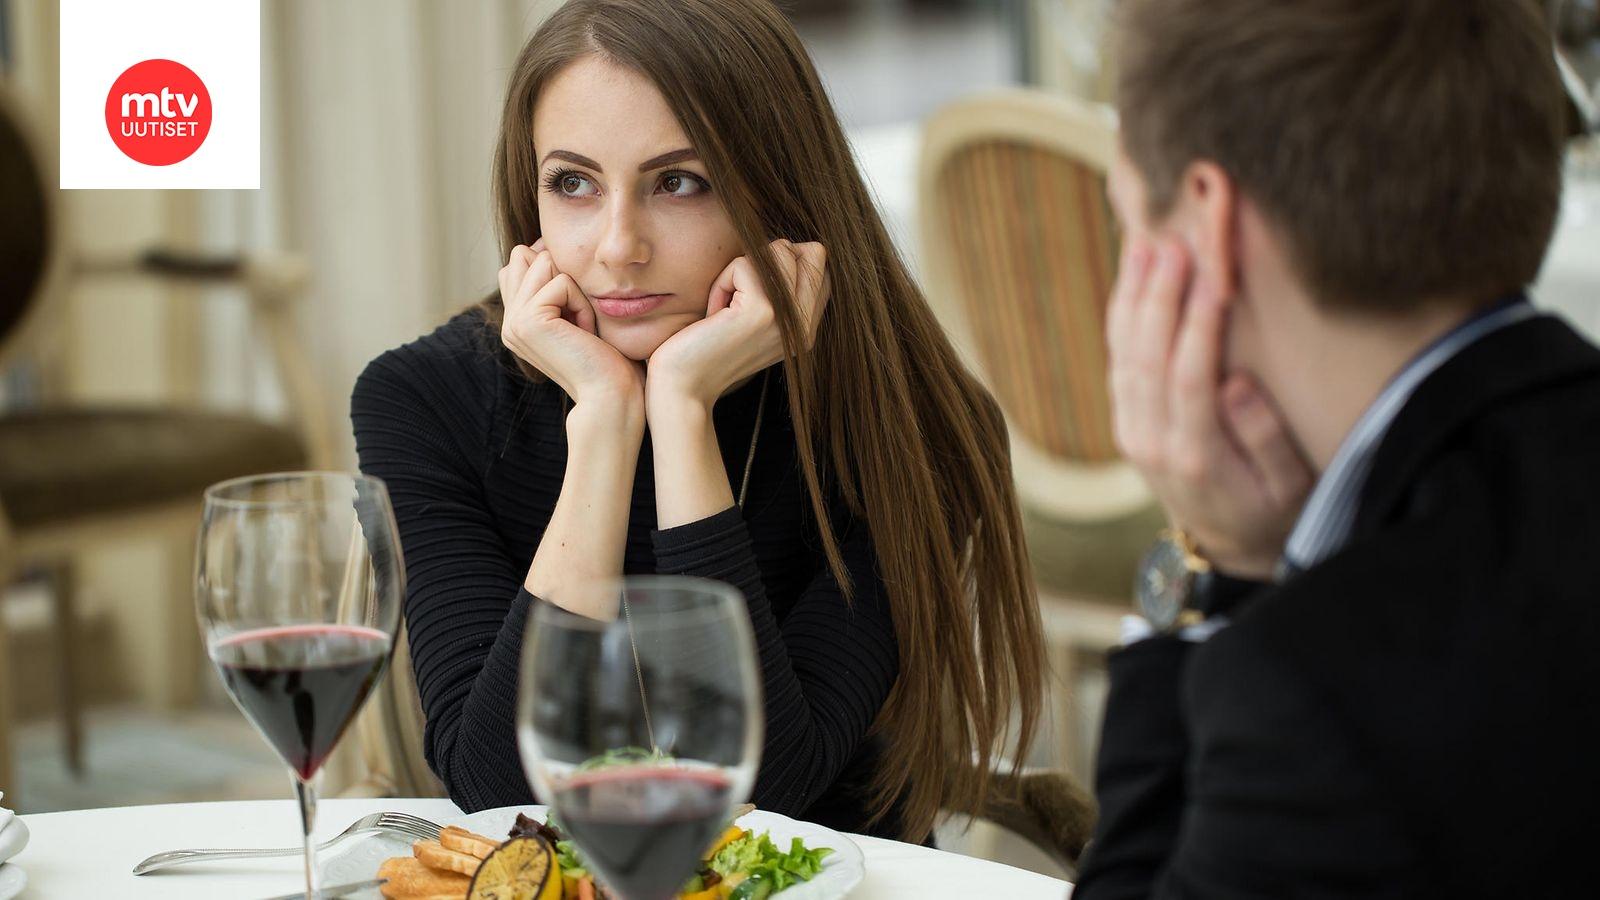 Turvallinen dating koodi Tinder